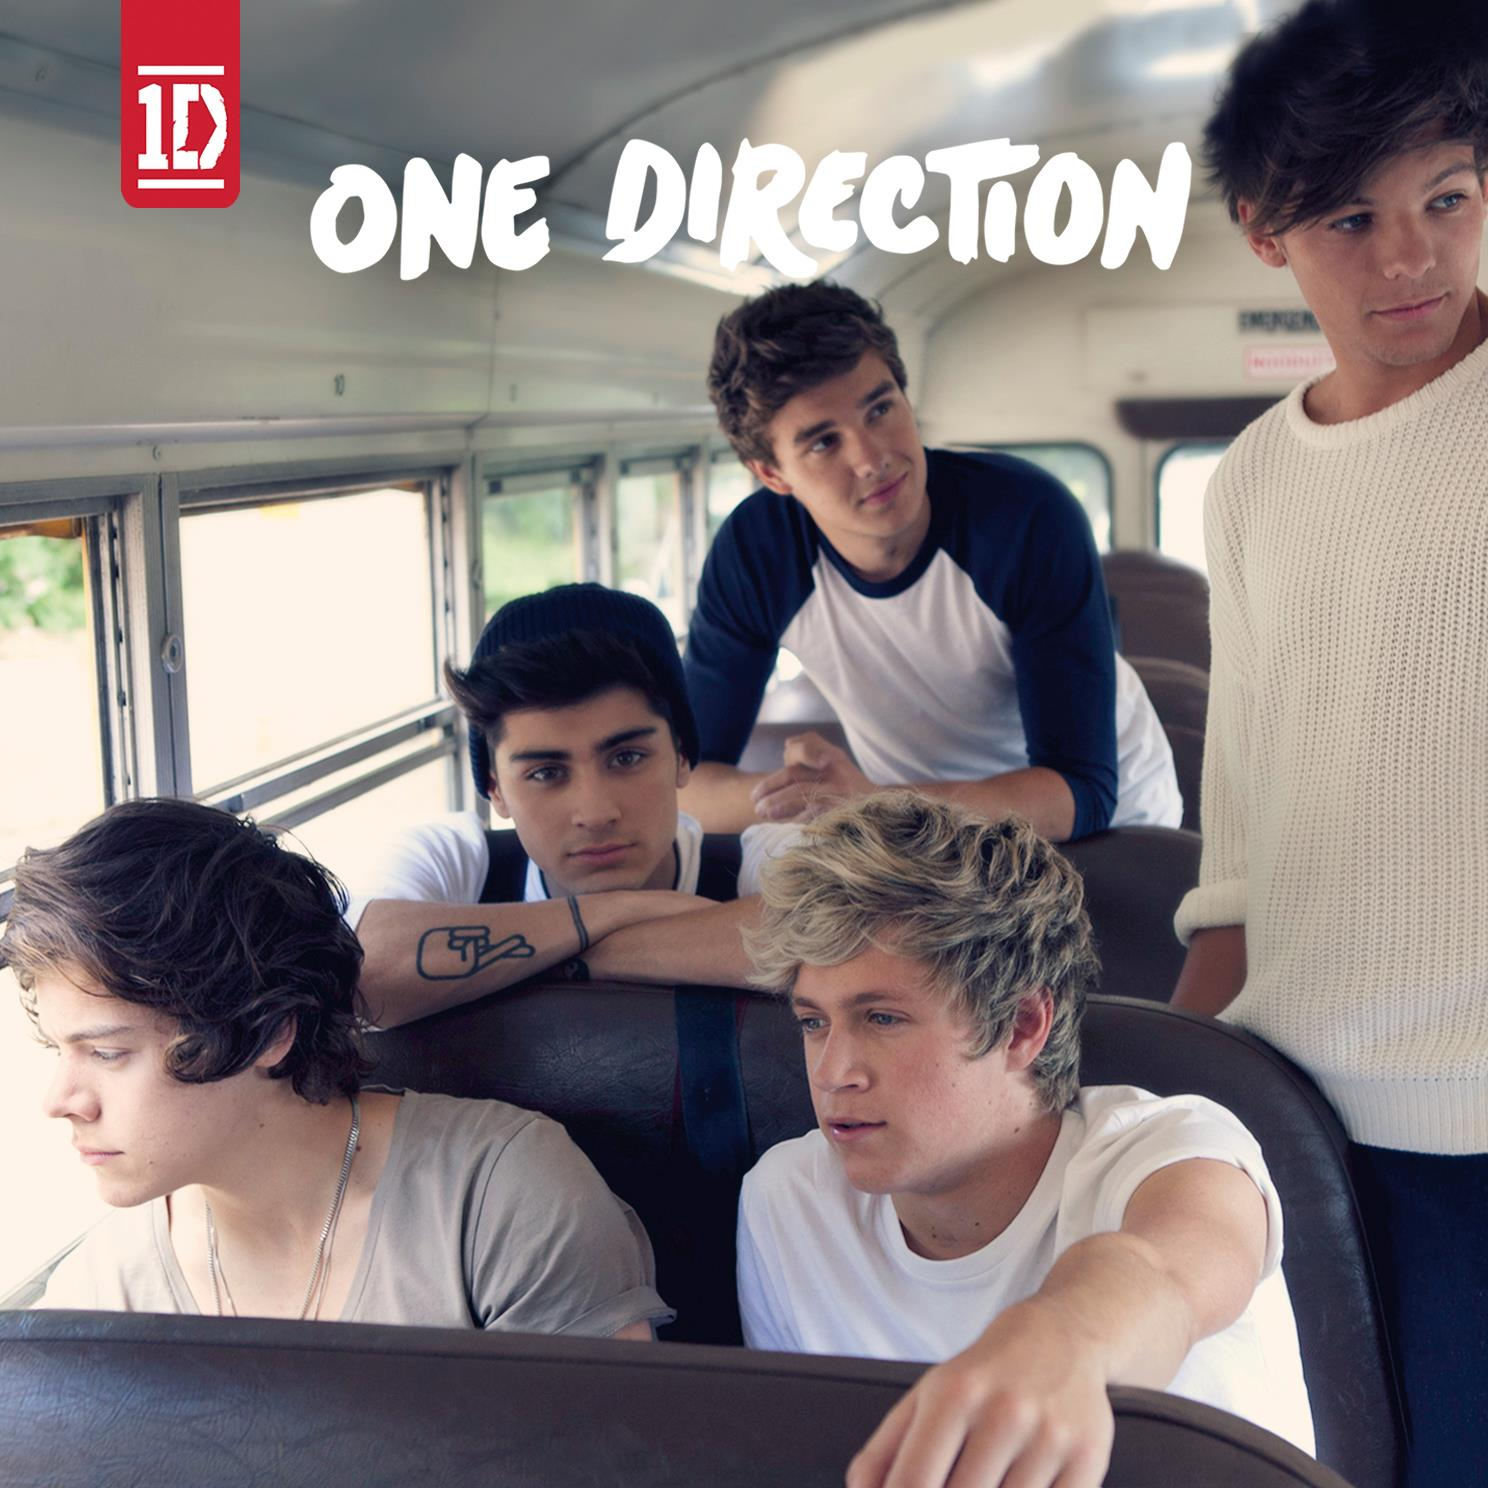 FULL ALBUM: Listen to the full 'Take Me Home' album here ...